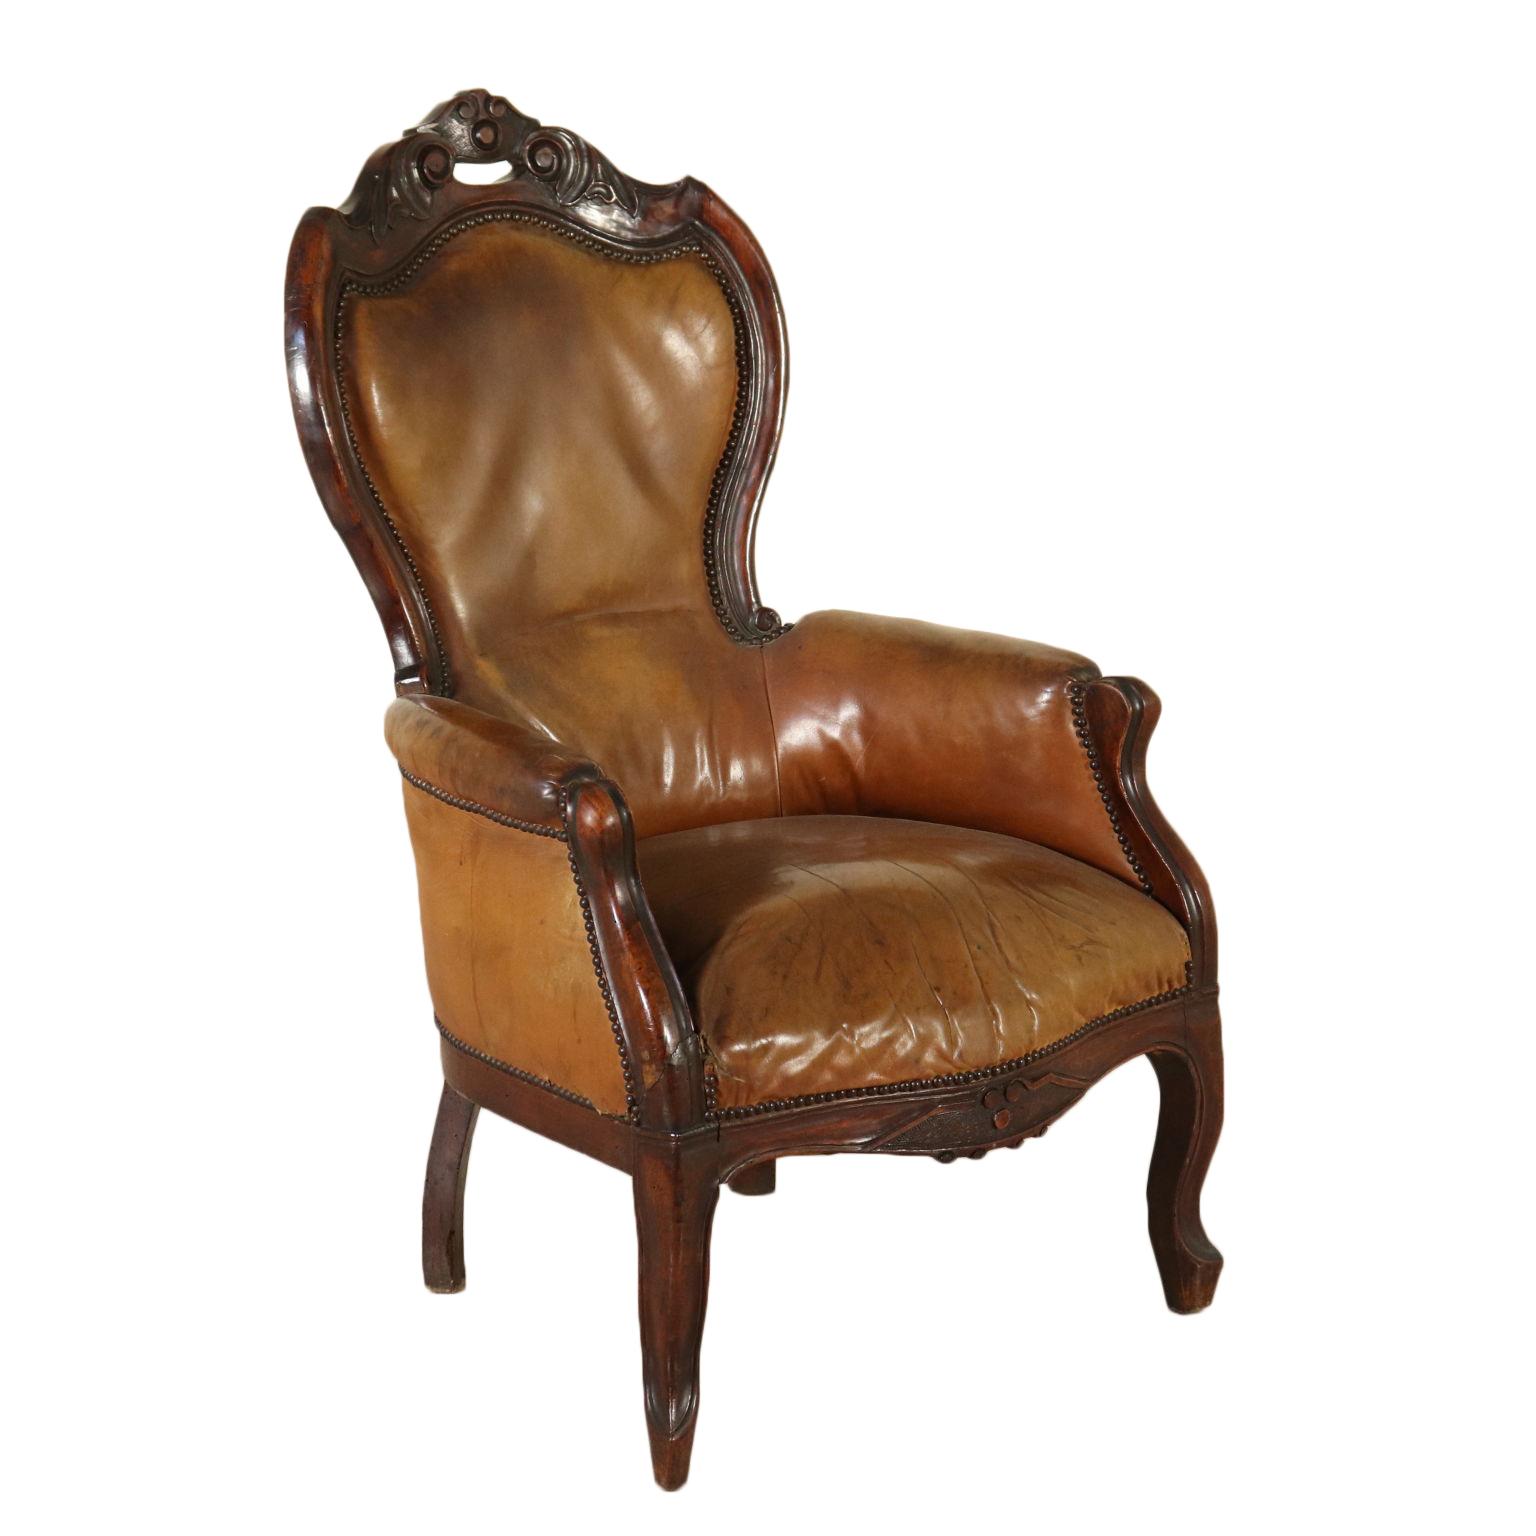 Poltrona luigi filippo sedie poltrone divani for Poltrone sedie